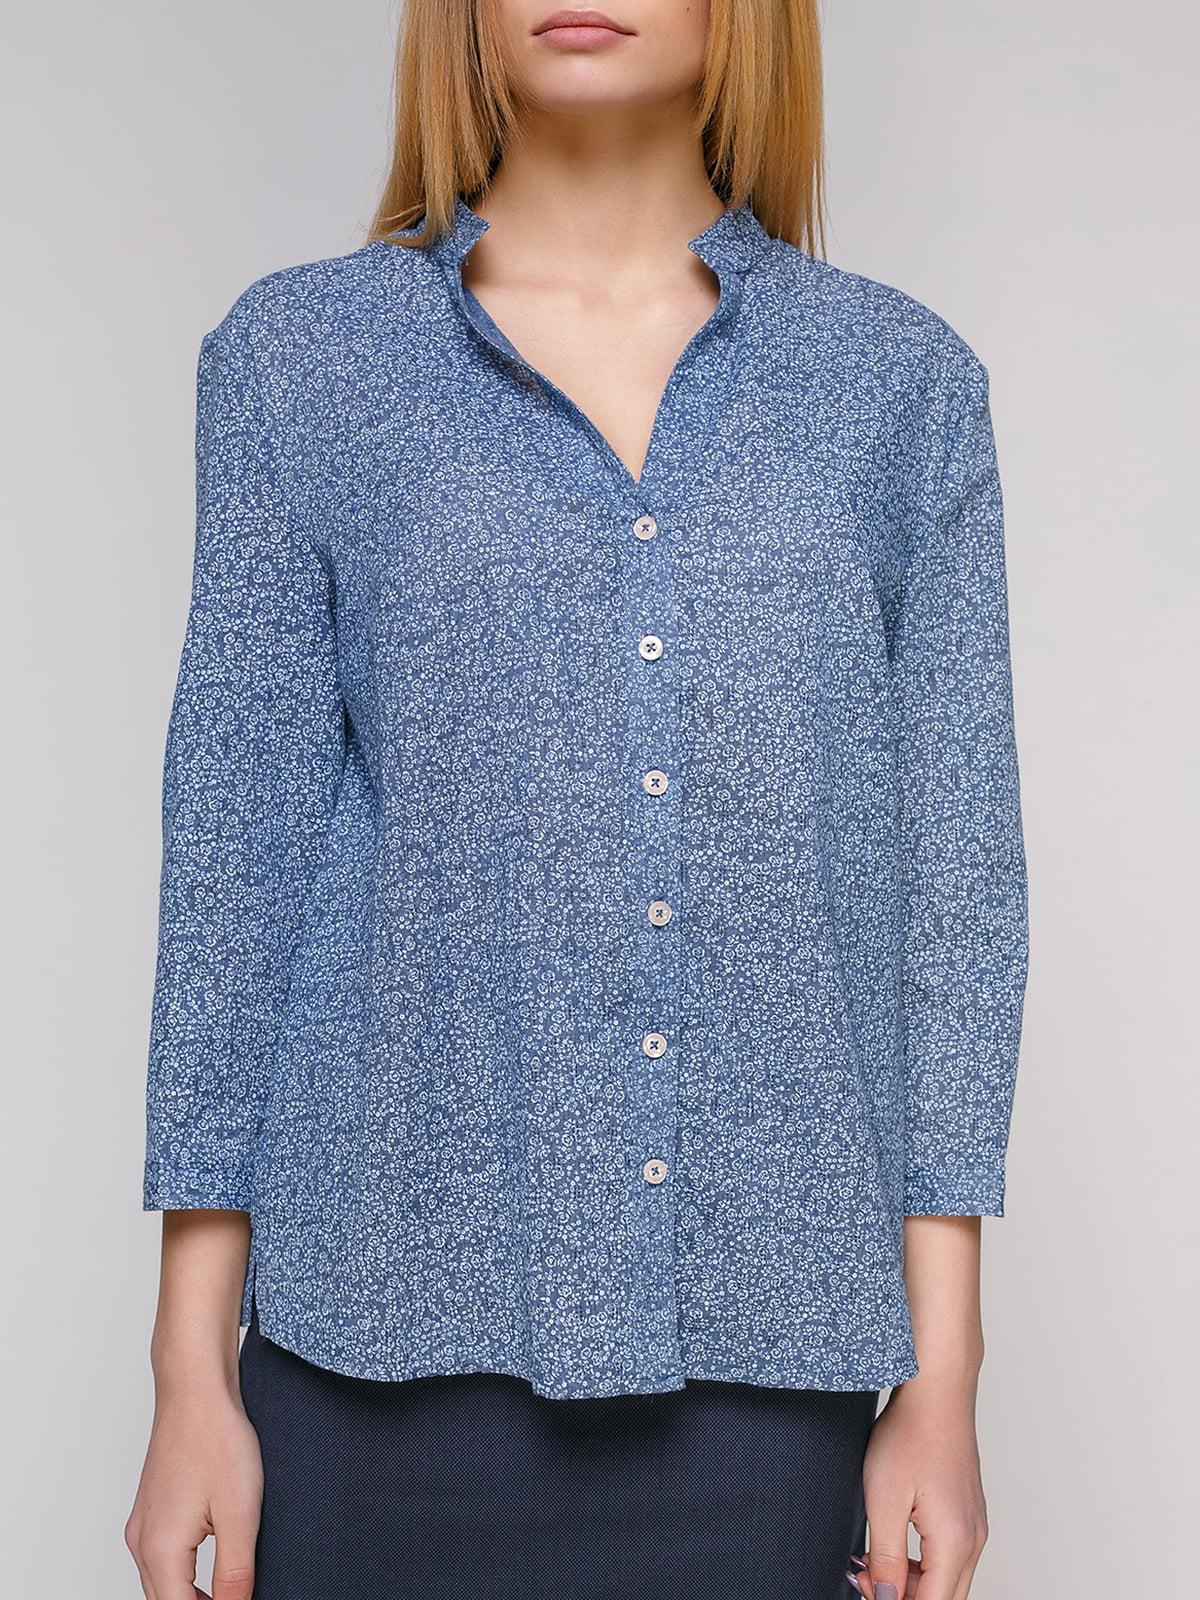 Рубашка голубая в цветочный принт | 4959232 | фото 3